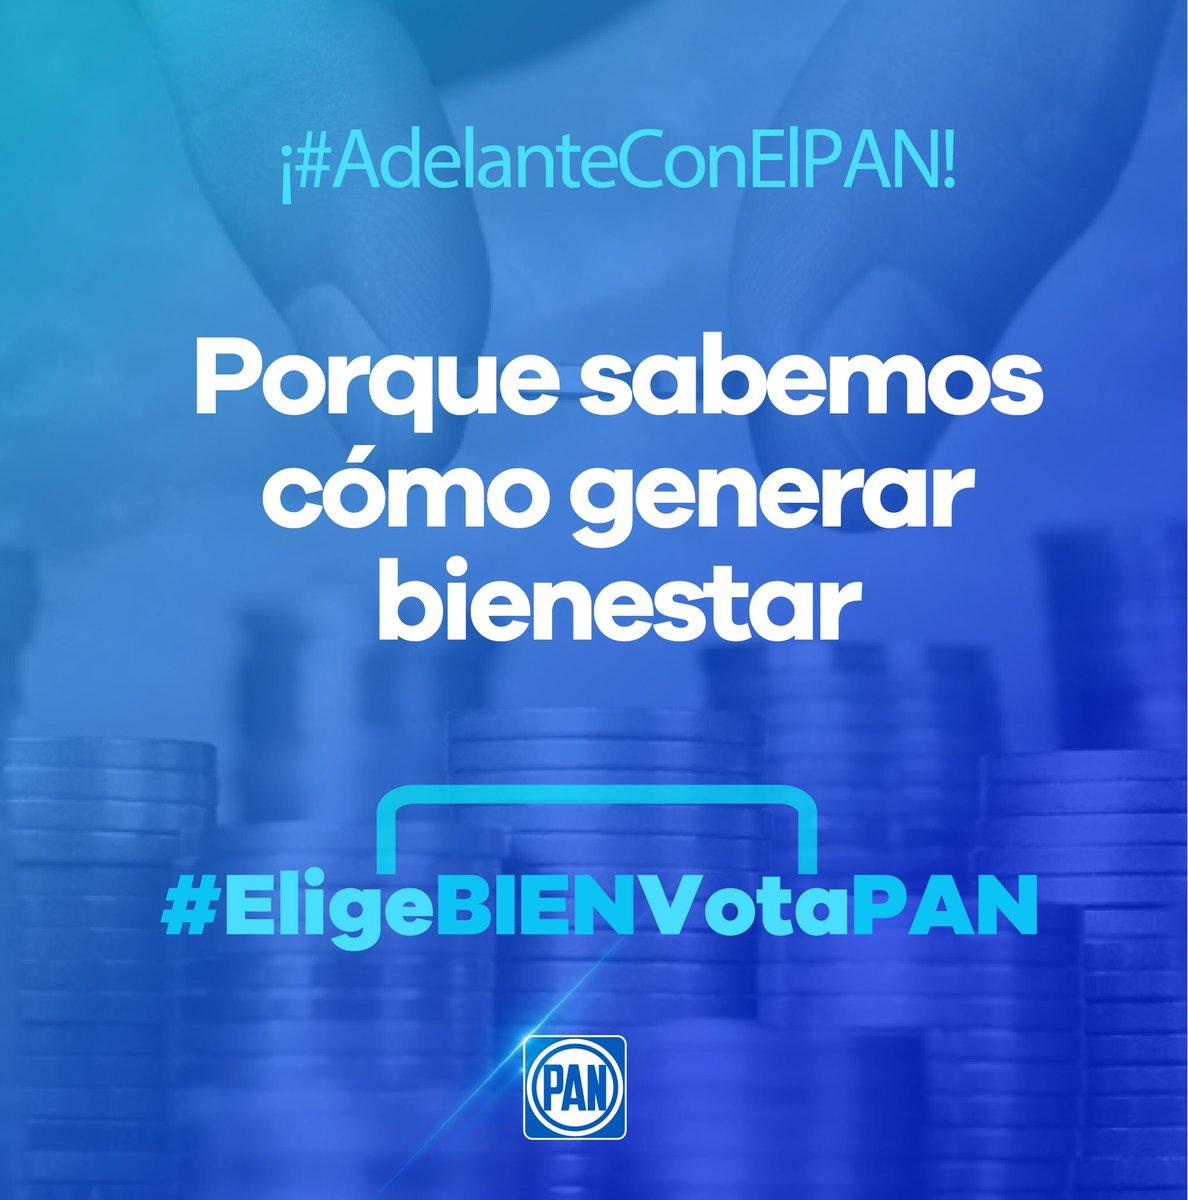 En Chiapas estamos seguros que el #PAN ganará la mayoría en el Congreso de Quintana Roo, pues son los que tienen las mejores propuestas para el desarrollo y la seguridad de las y los ciudadanos. Por eso, este 2 de junio #EligeBIENvotaPAN   @AccionNacional @PANQR